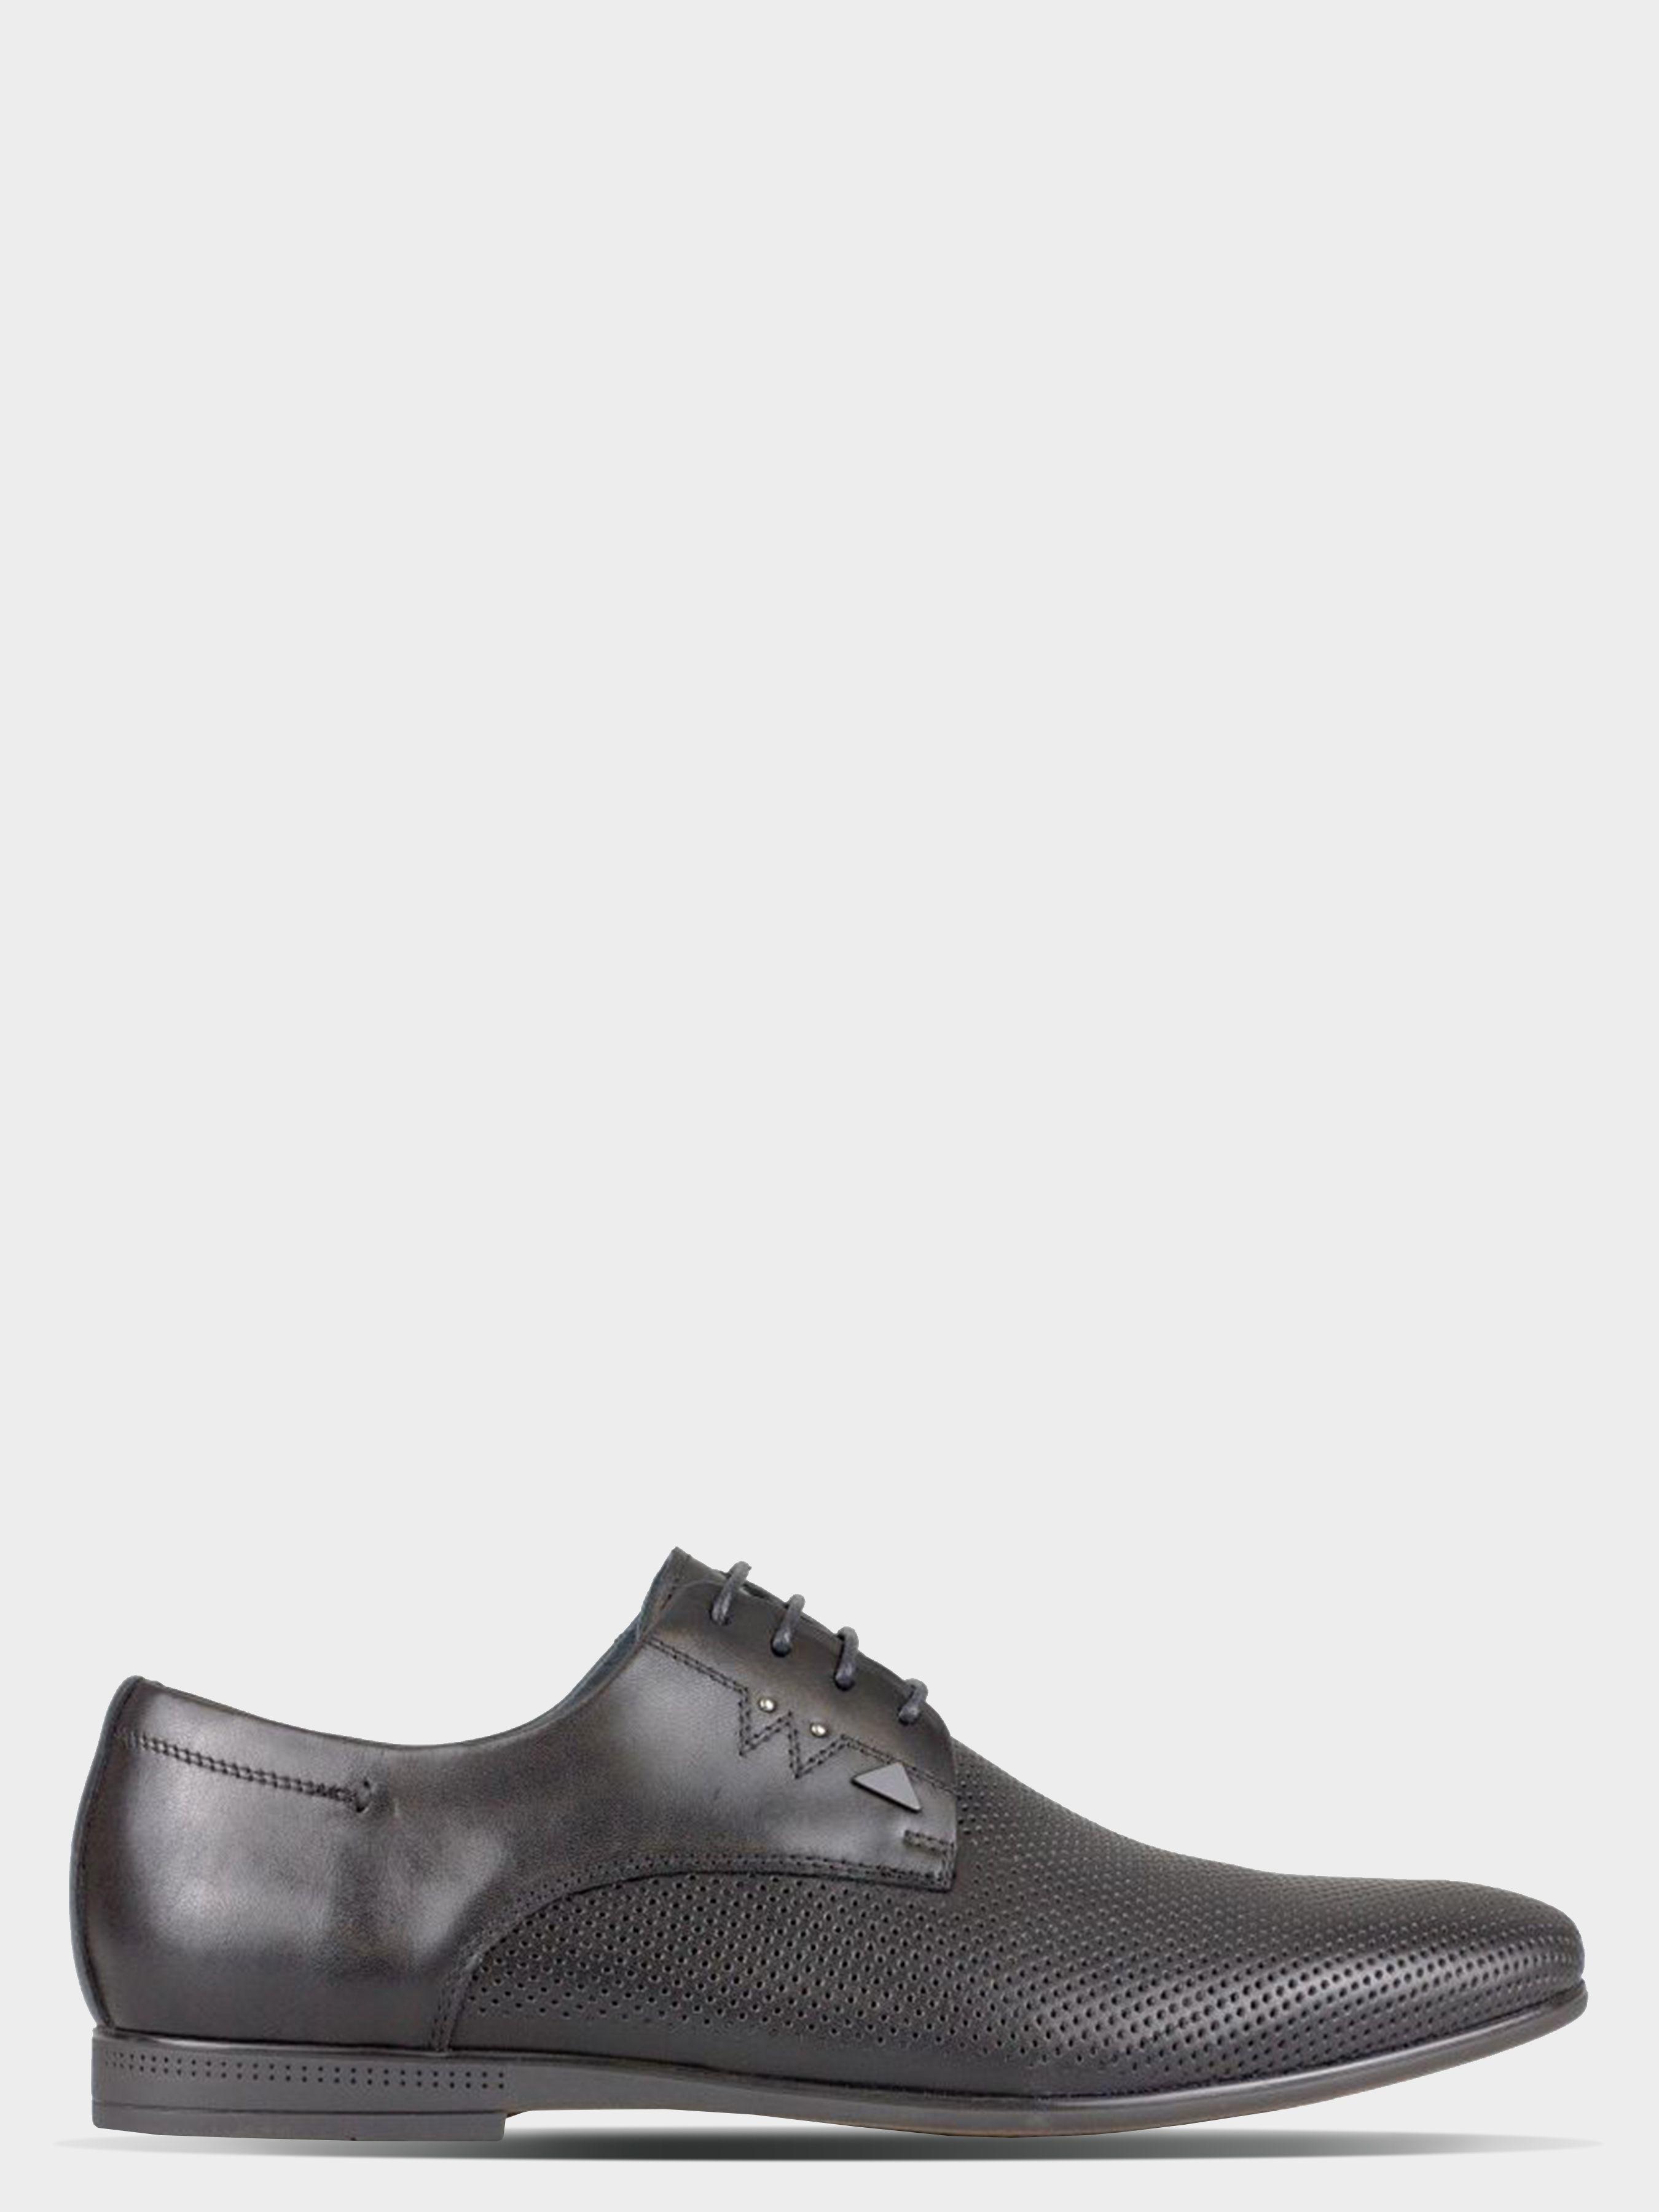 Туфли для мужчин Braska BR1501 в Украине, 2017